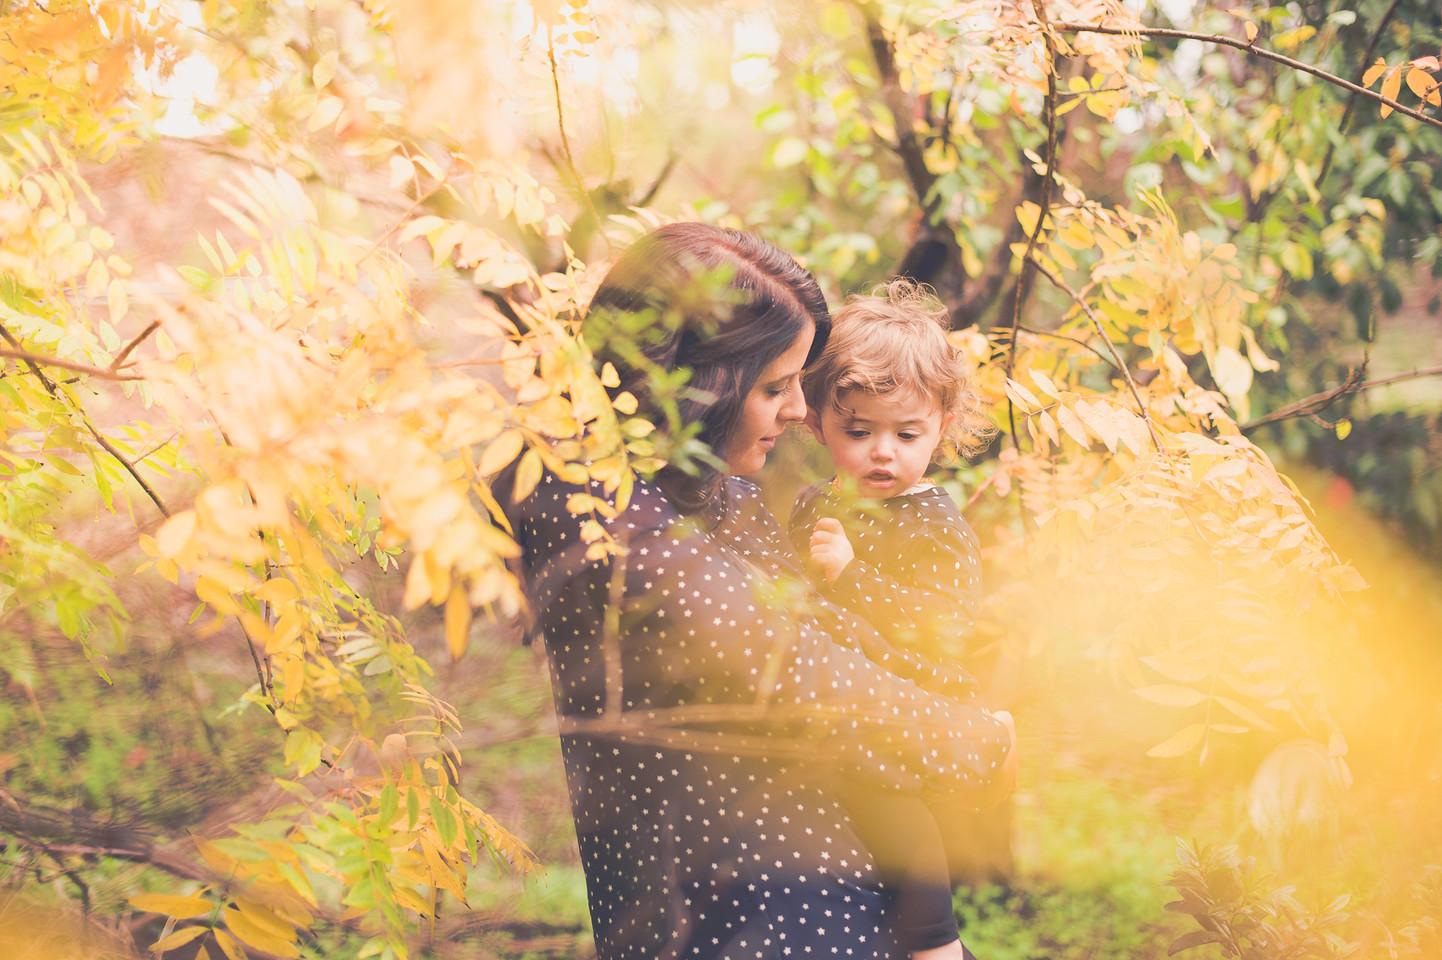 belair adelaide autumn outdoor garden family photo